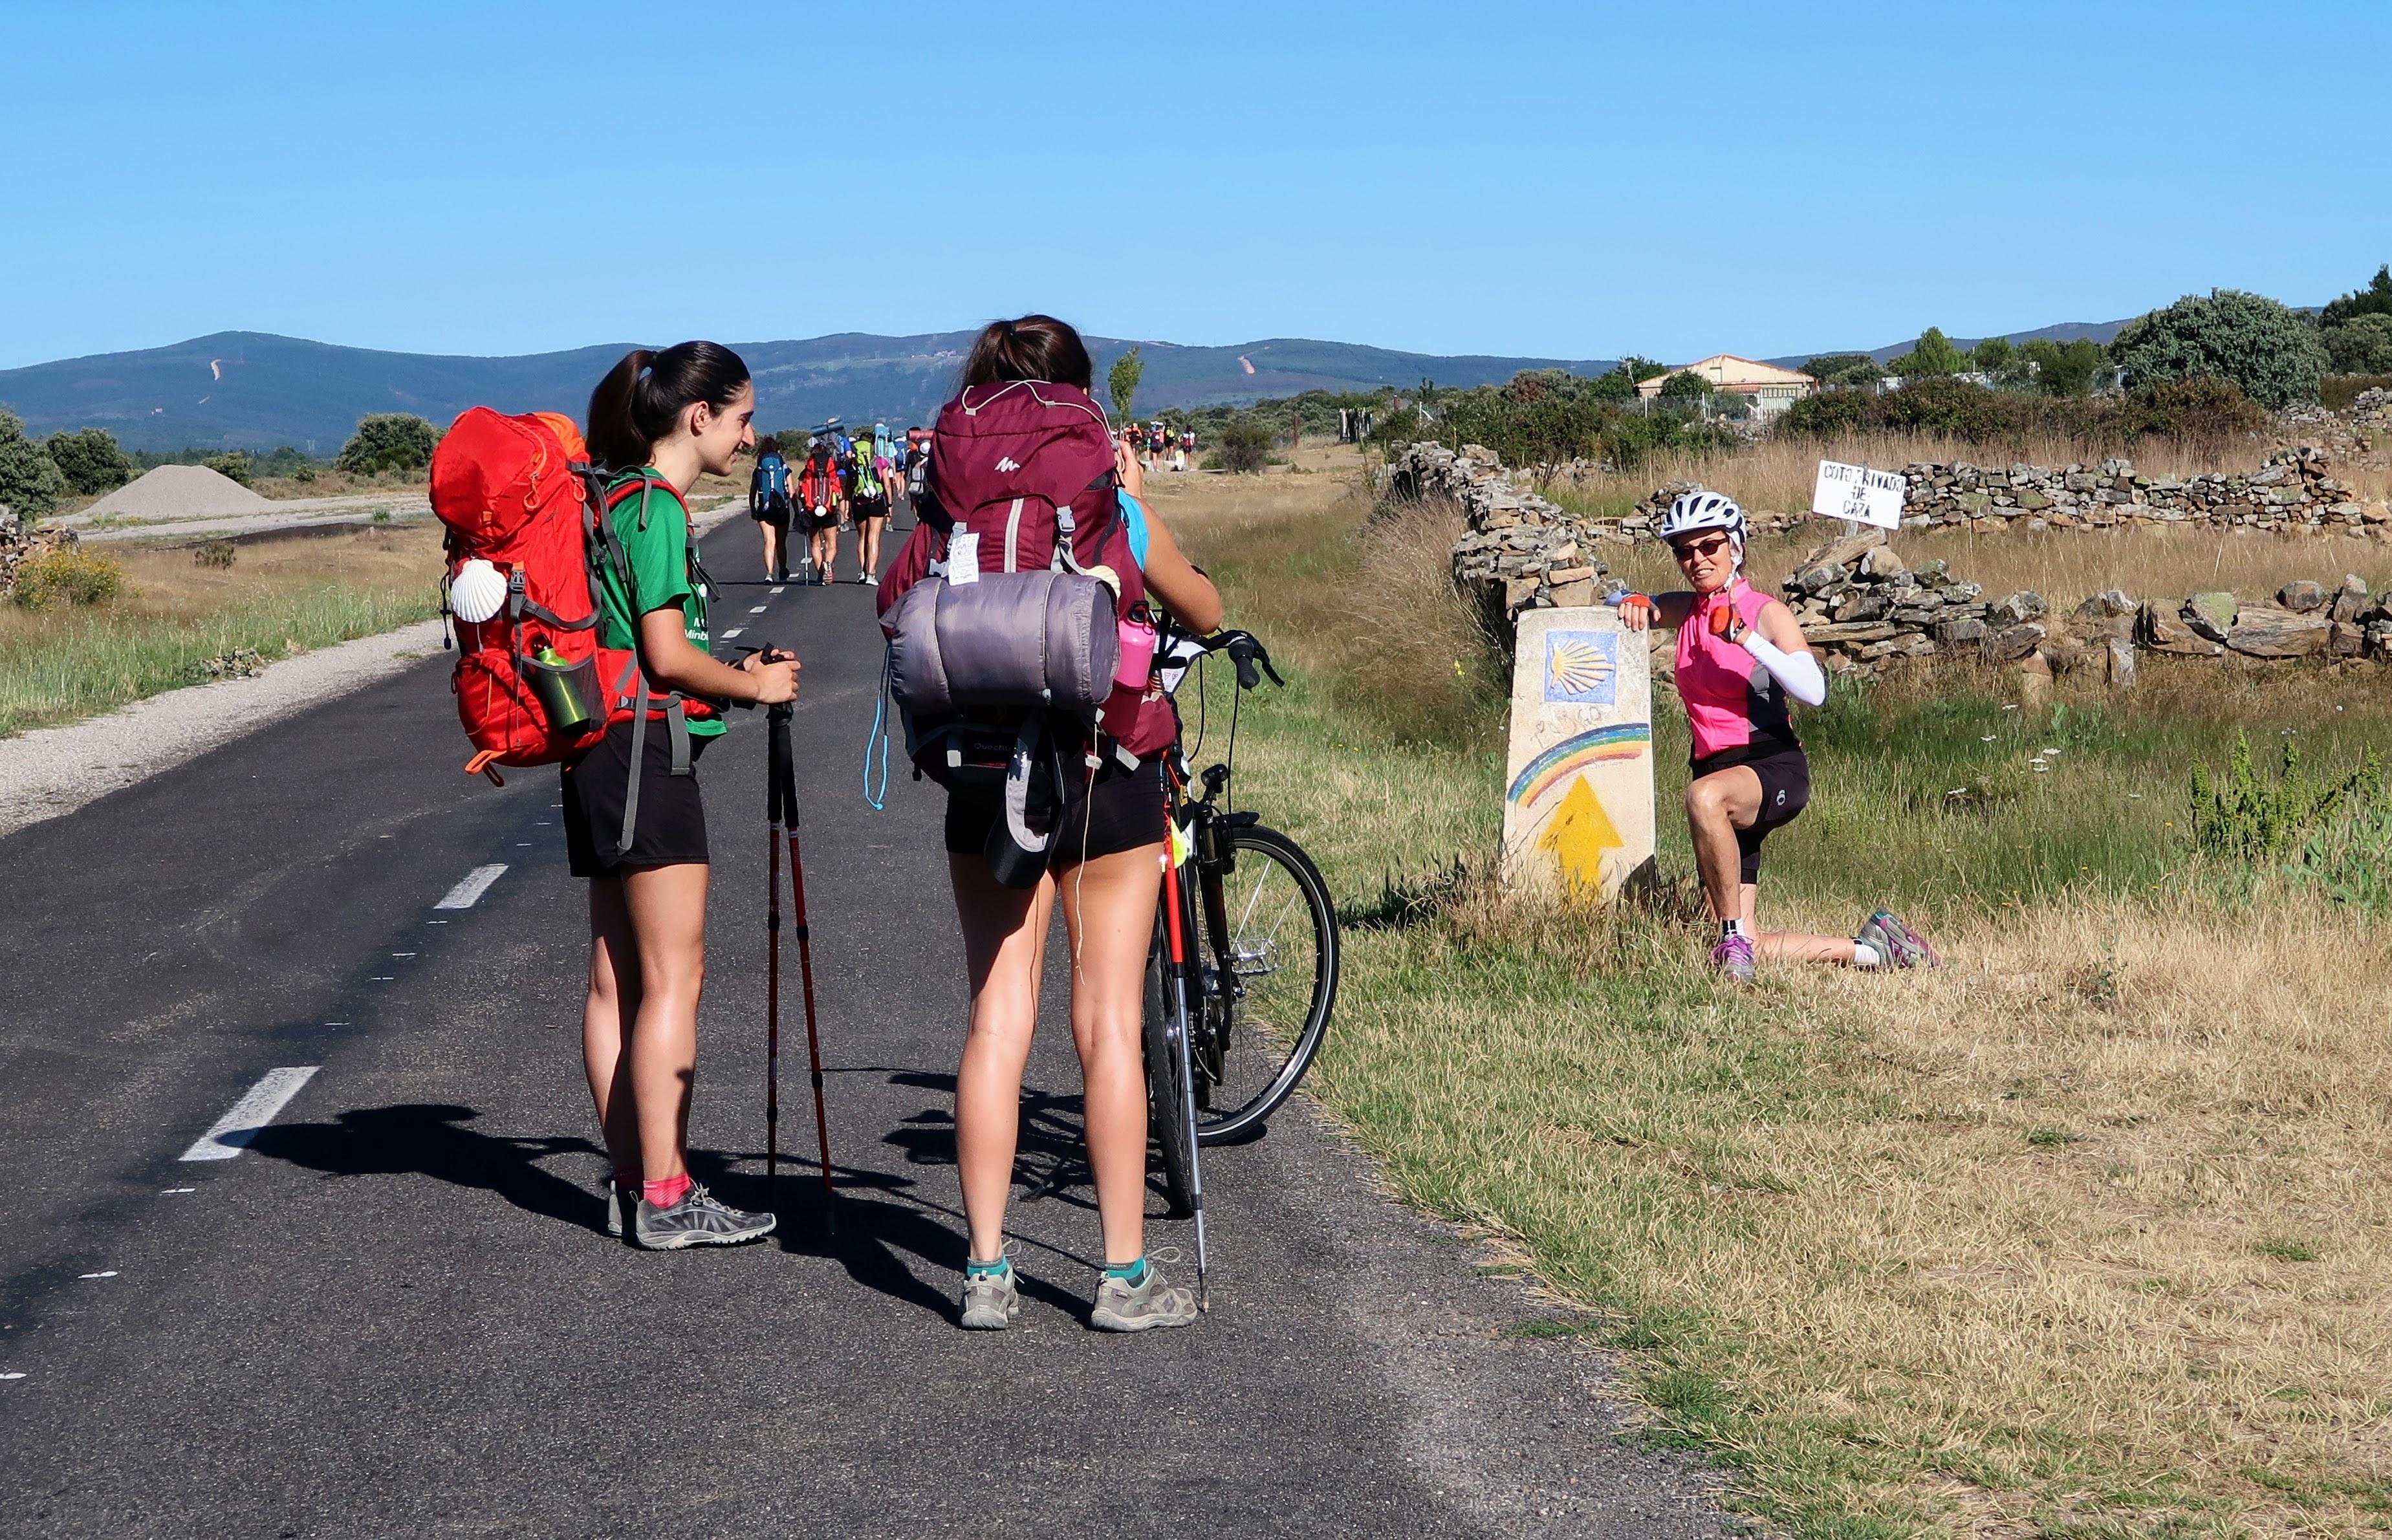 Camino cyclist with pilgrim walkers on Camino de Santiago